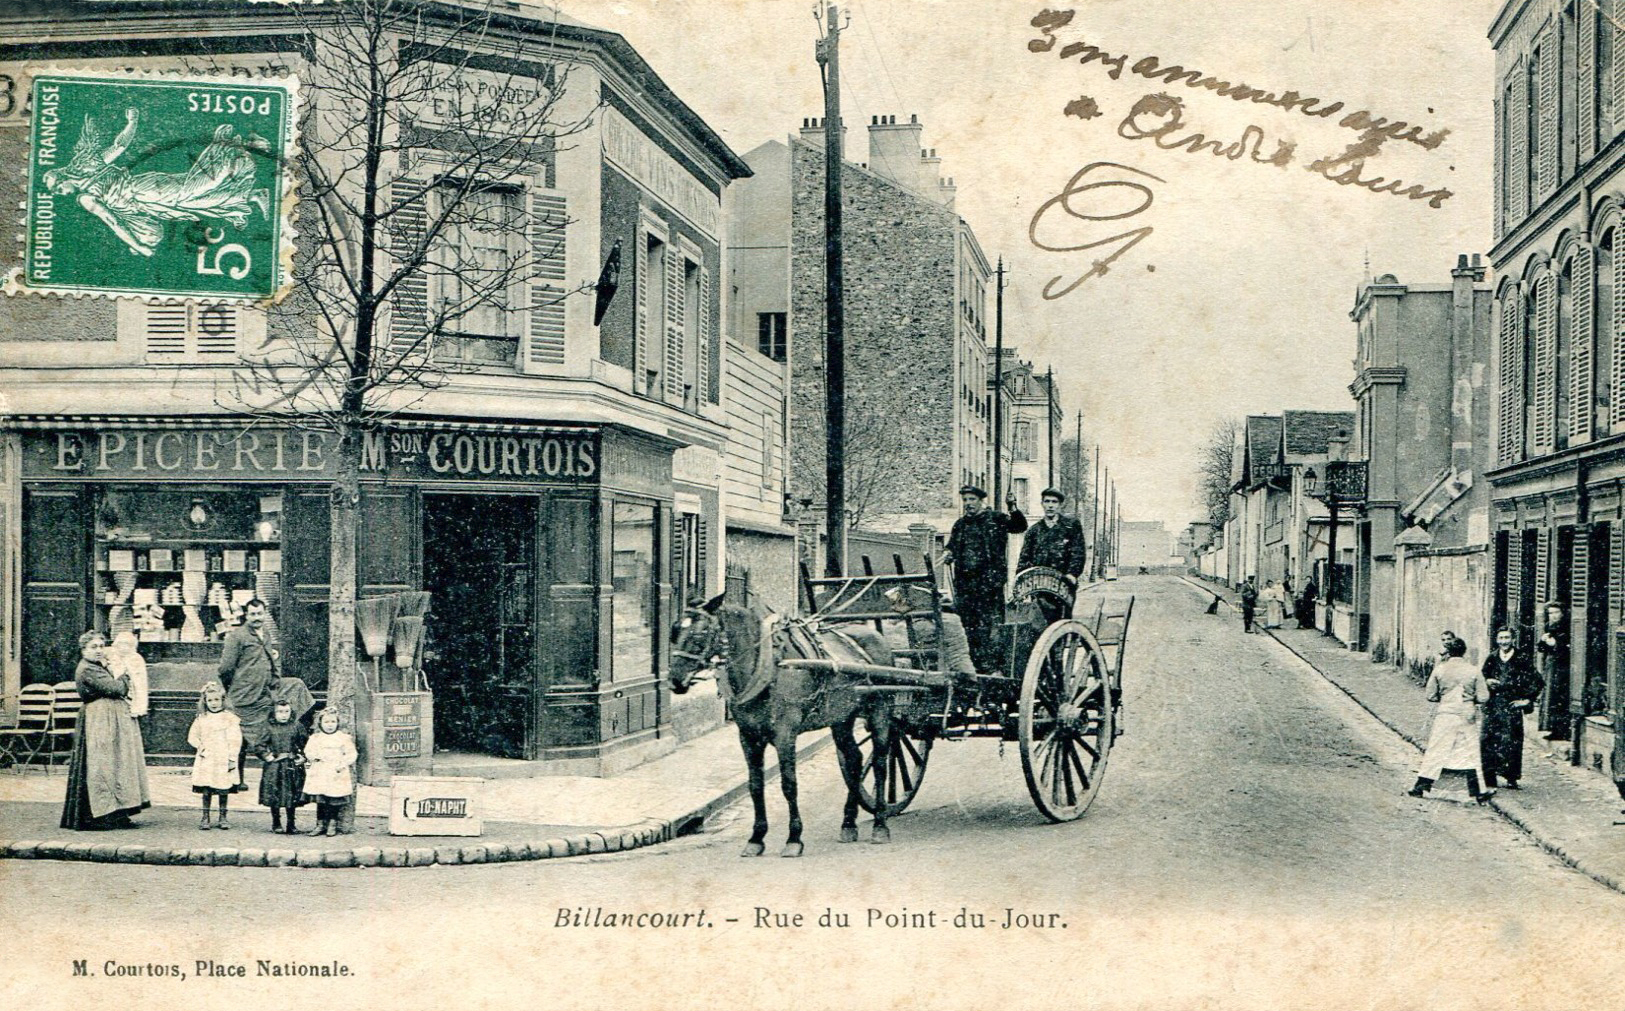 Place Nationale rue du Point-du-Jour famille Courtois